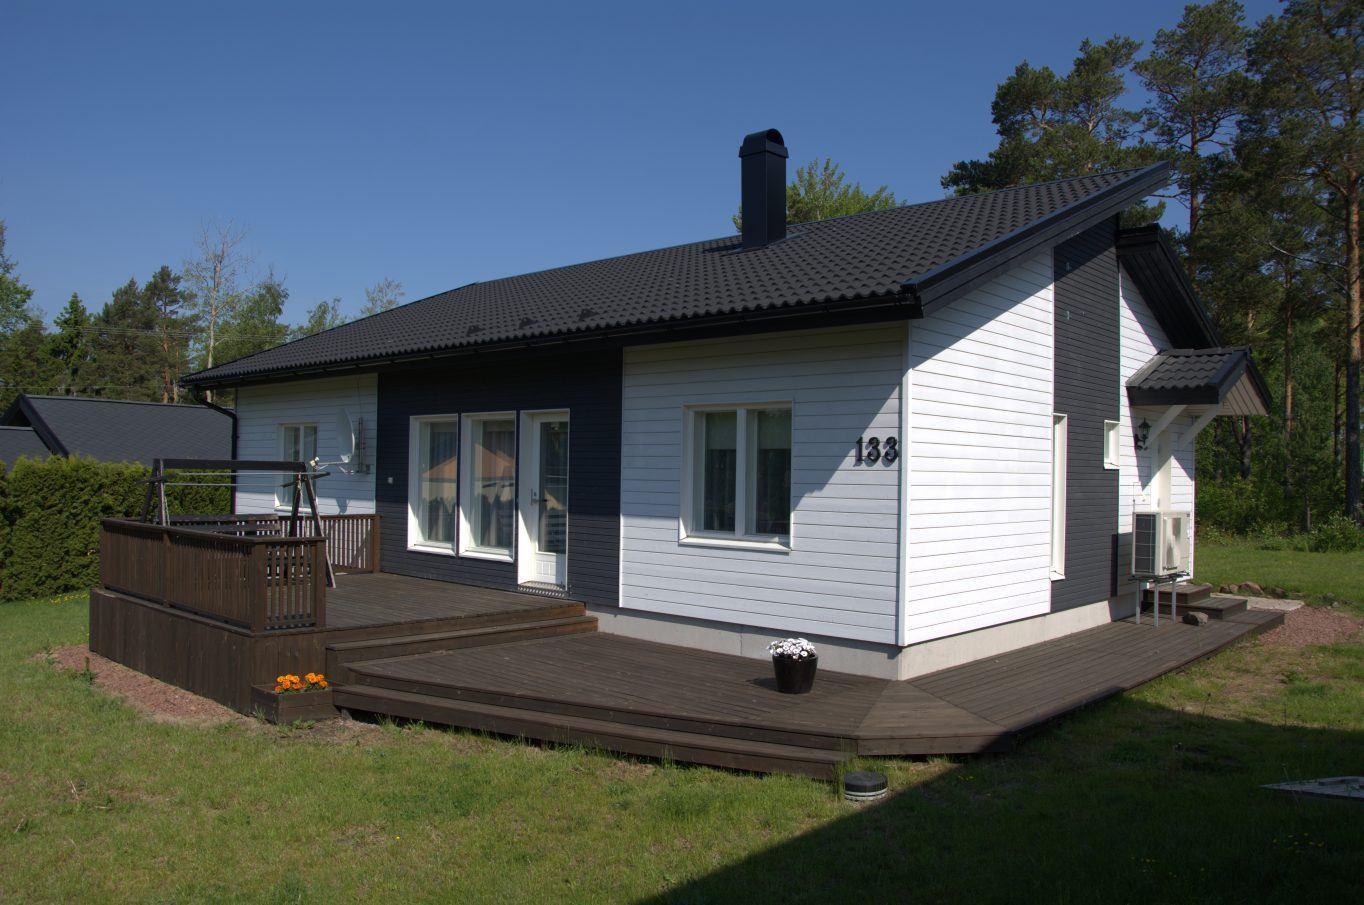 Bostadshus i Degerby, Föglö.